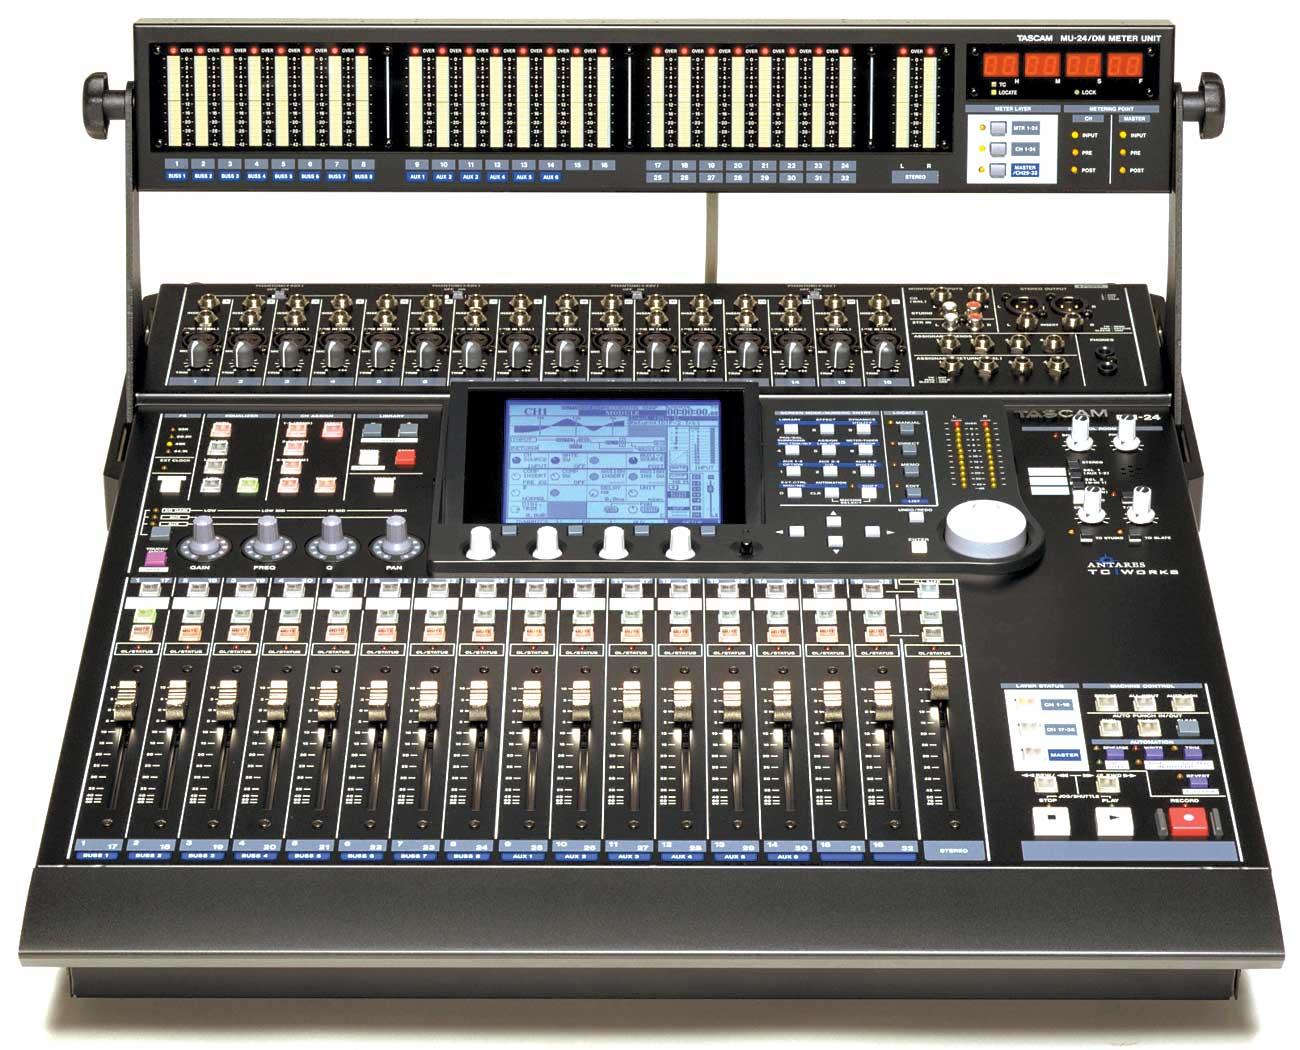 Tascam Digital Mixer Dm 24 : tascam dm 24 image 500012 audiofanzine ~ Hamham.info Haus und Dekorationen